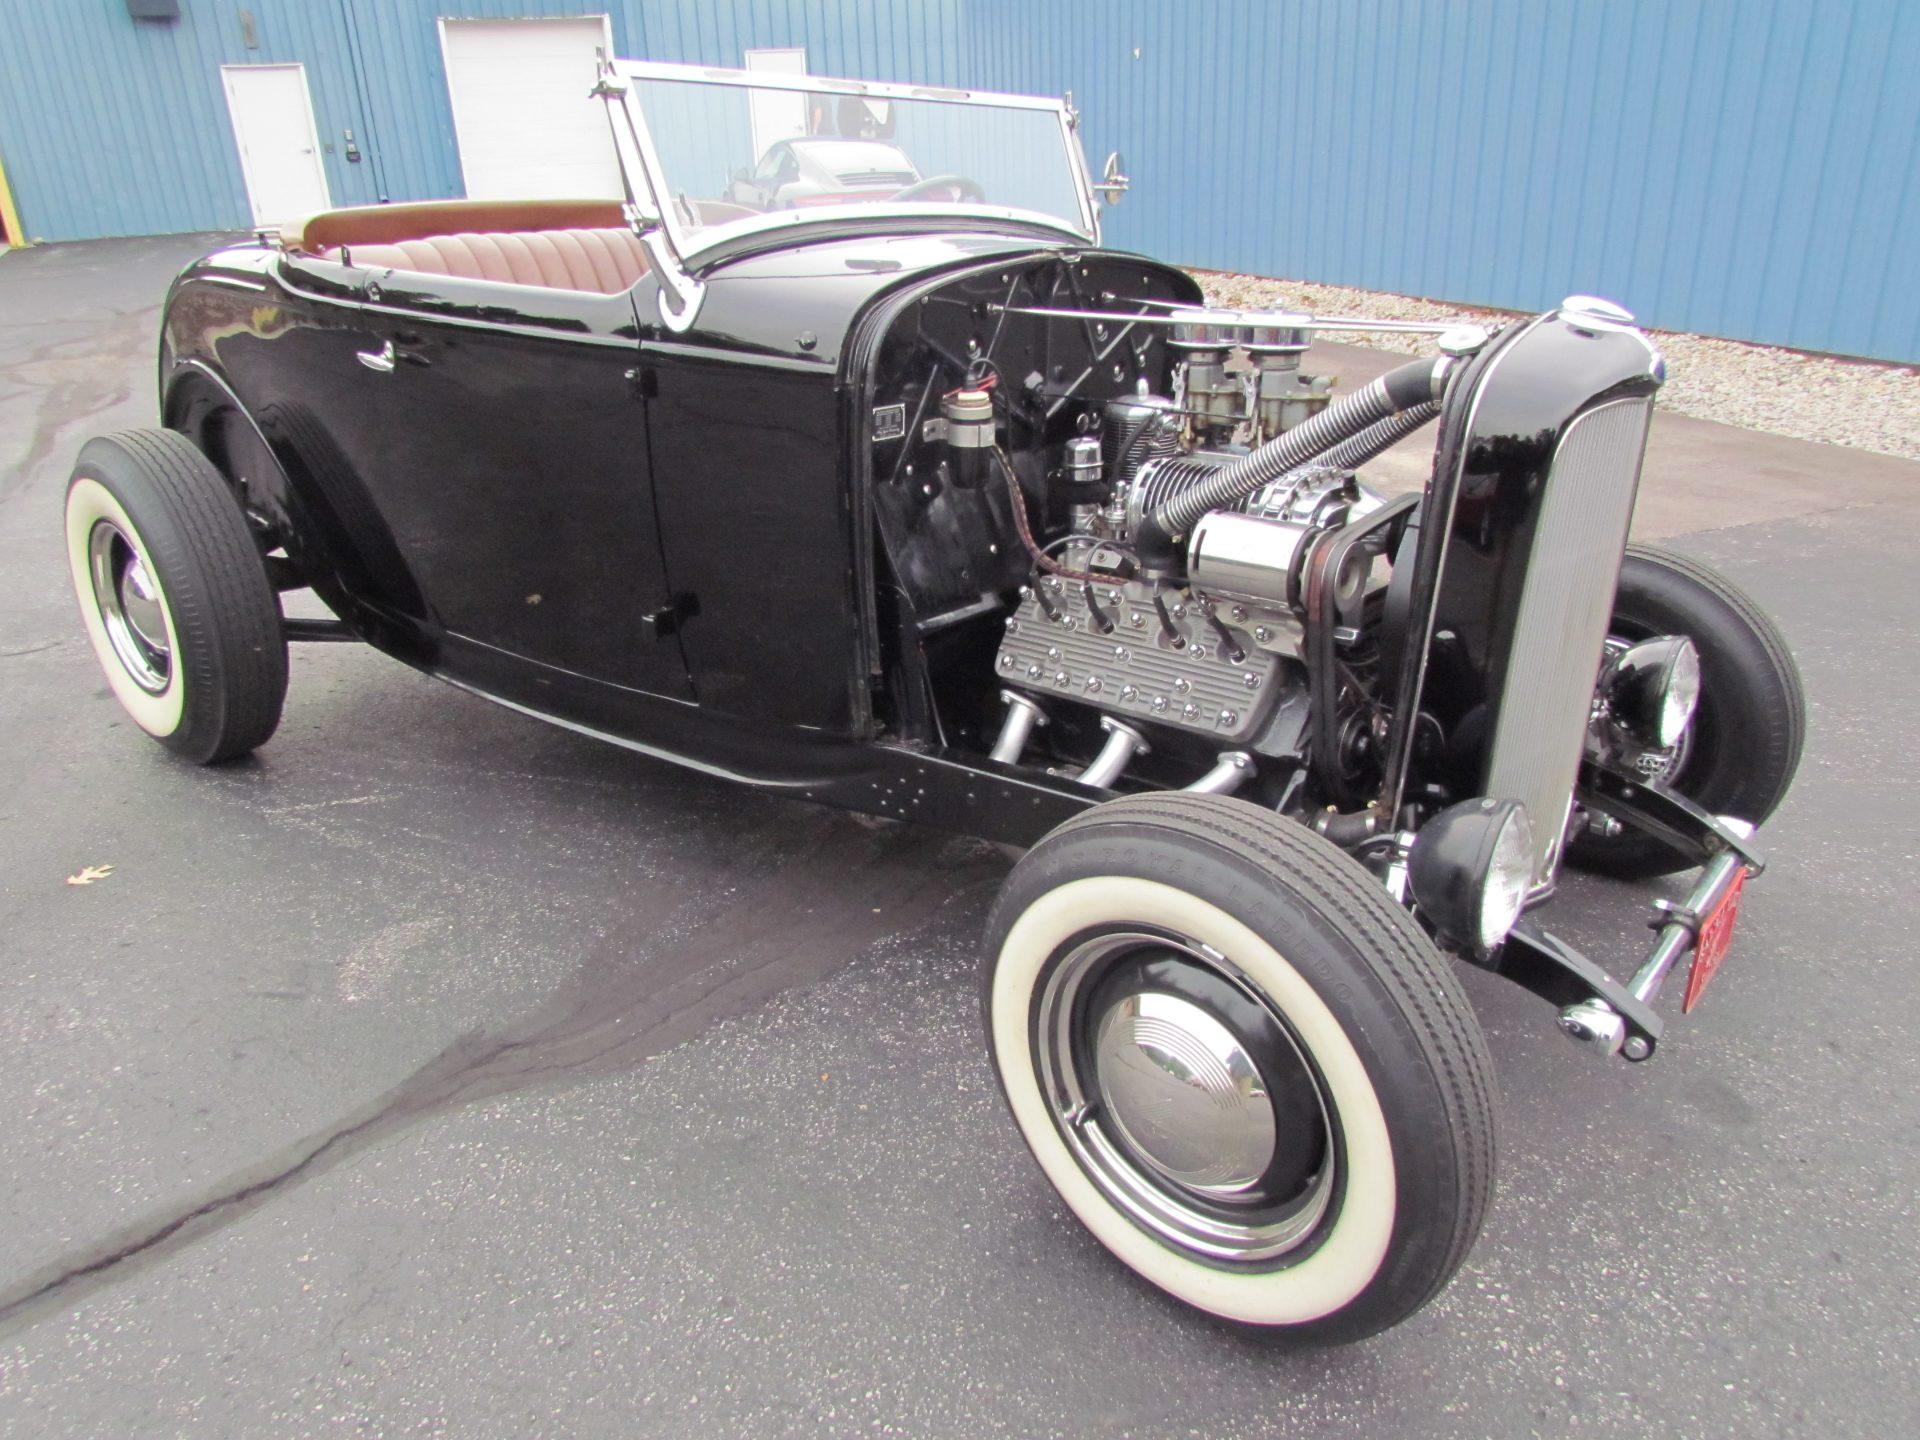 Voici la Ford Roadster 1932 de Tommy Fitzgerald que nous avons empruntée à la